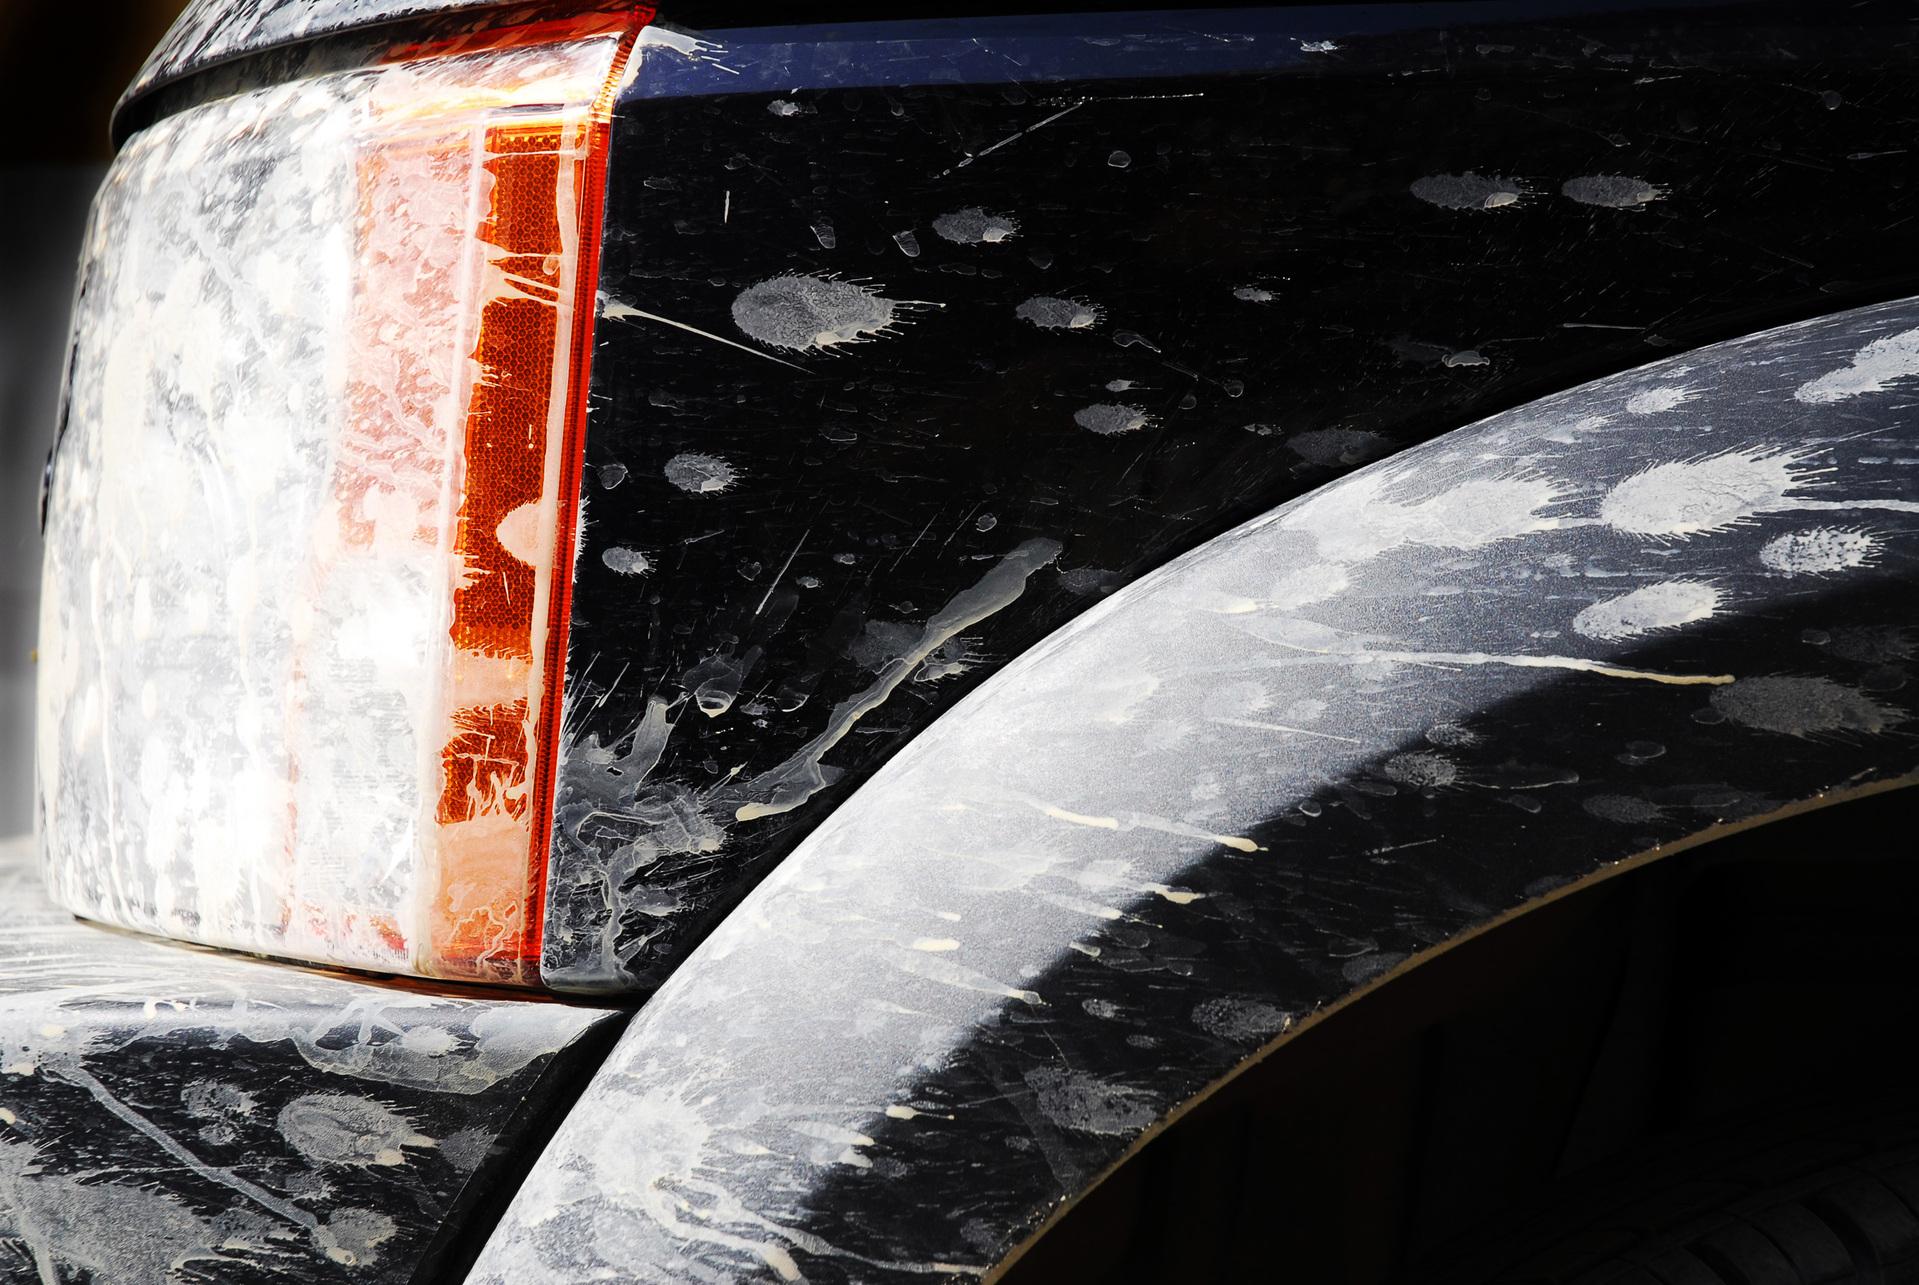 zwarte auto wasstraat